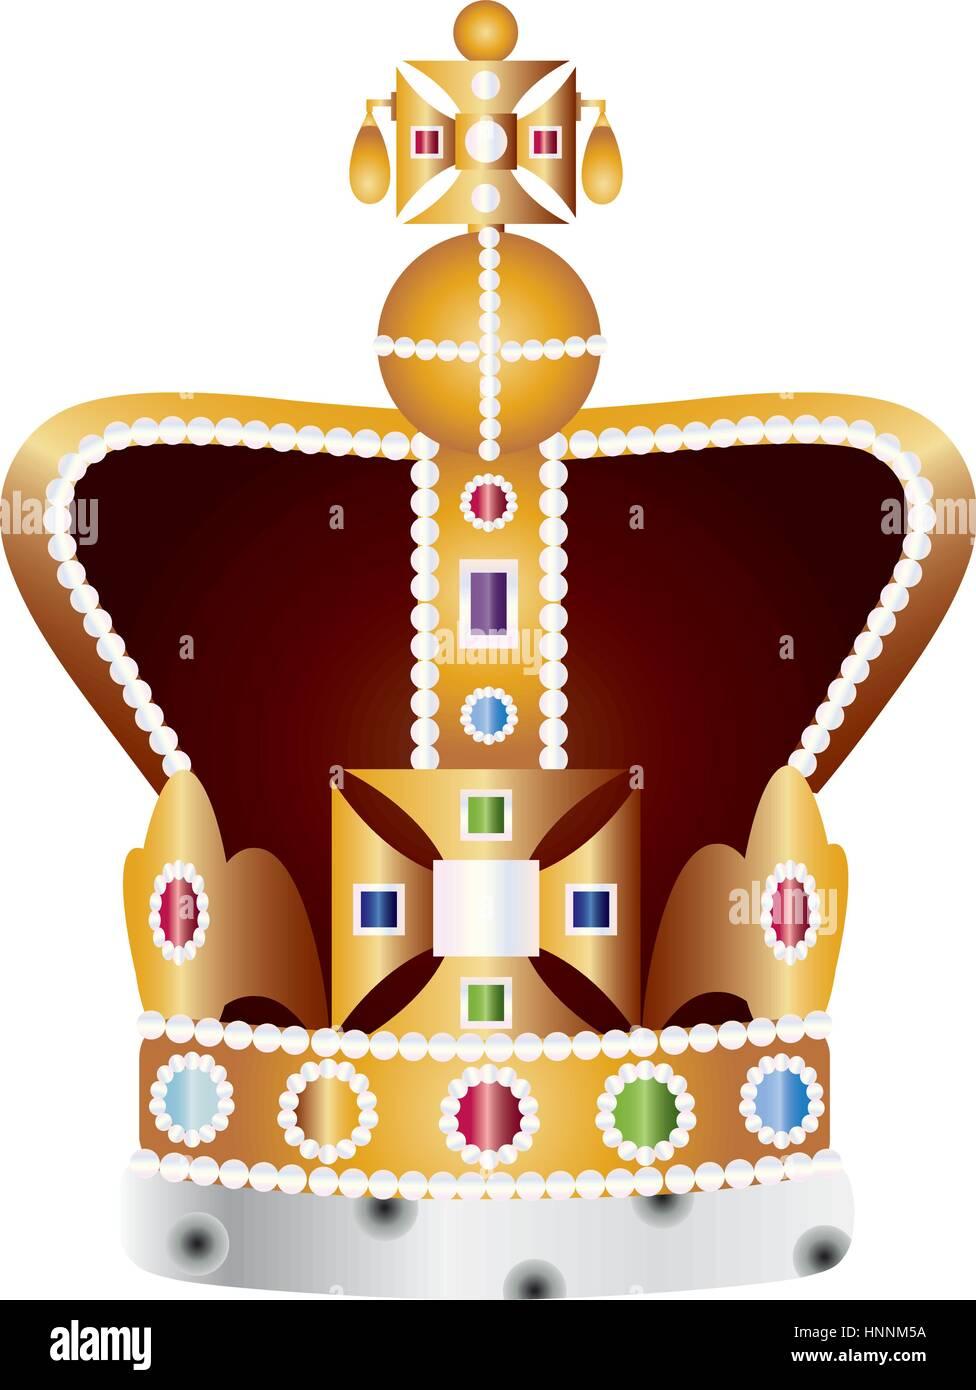 Inglese King e Queen incoronazione i Gioielli della Corona illustrazione  isolati su sfondo bianco